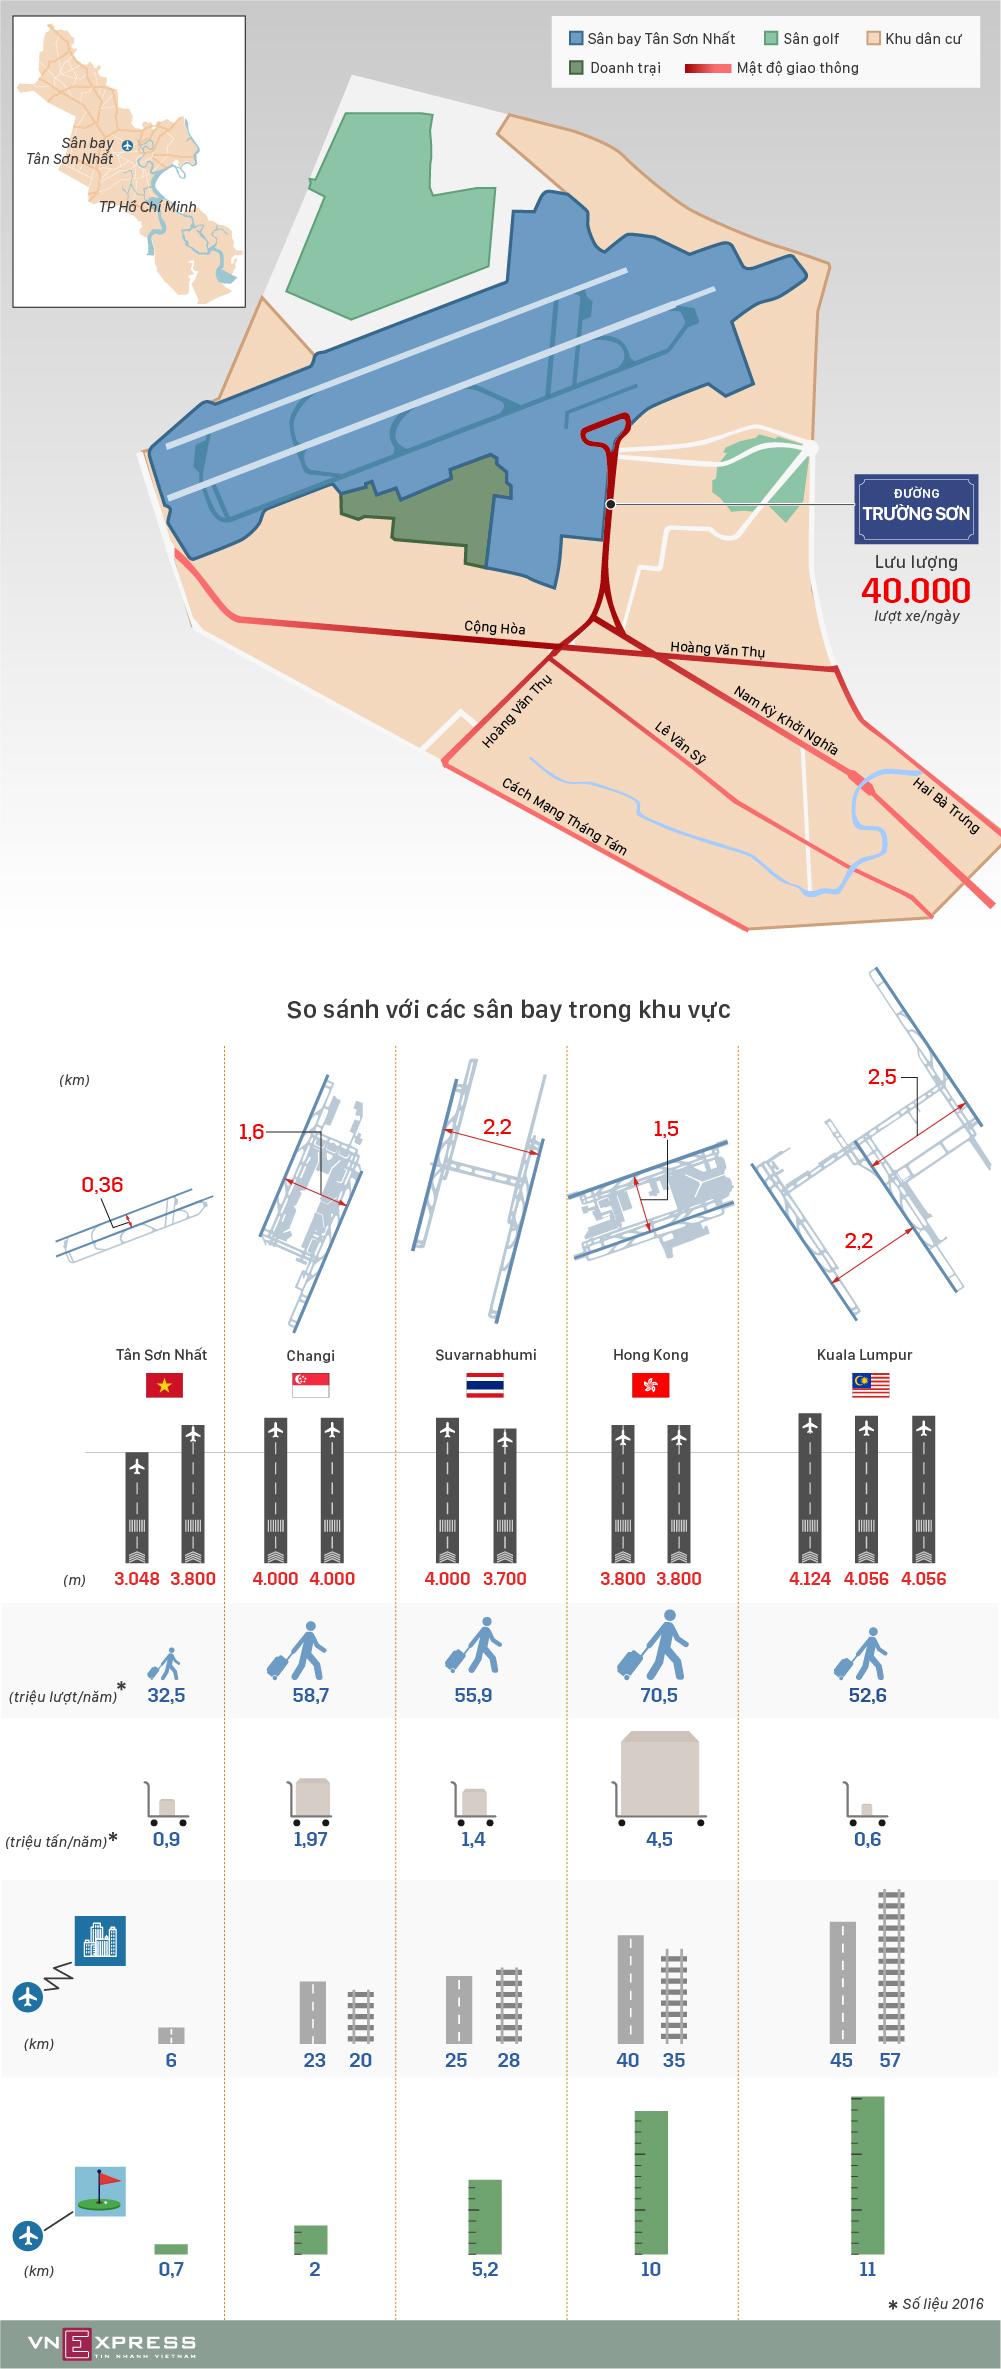 So sánh Tân Sơn Nhất với các cảng hàng không khu vực 1